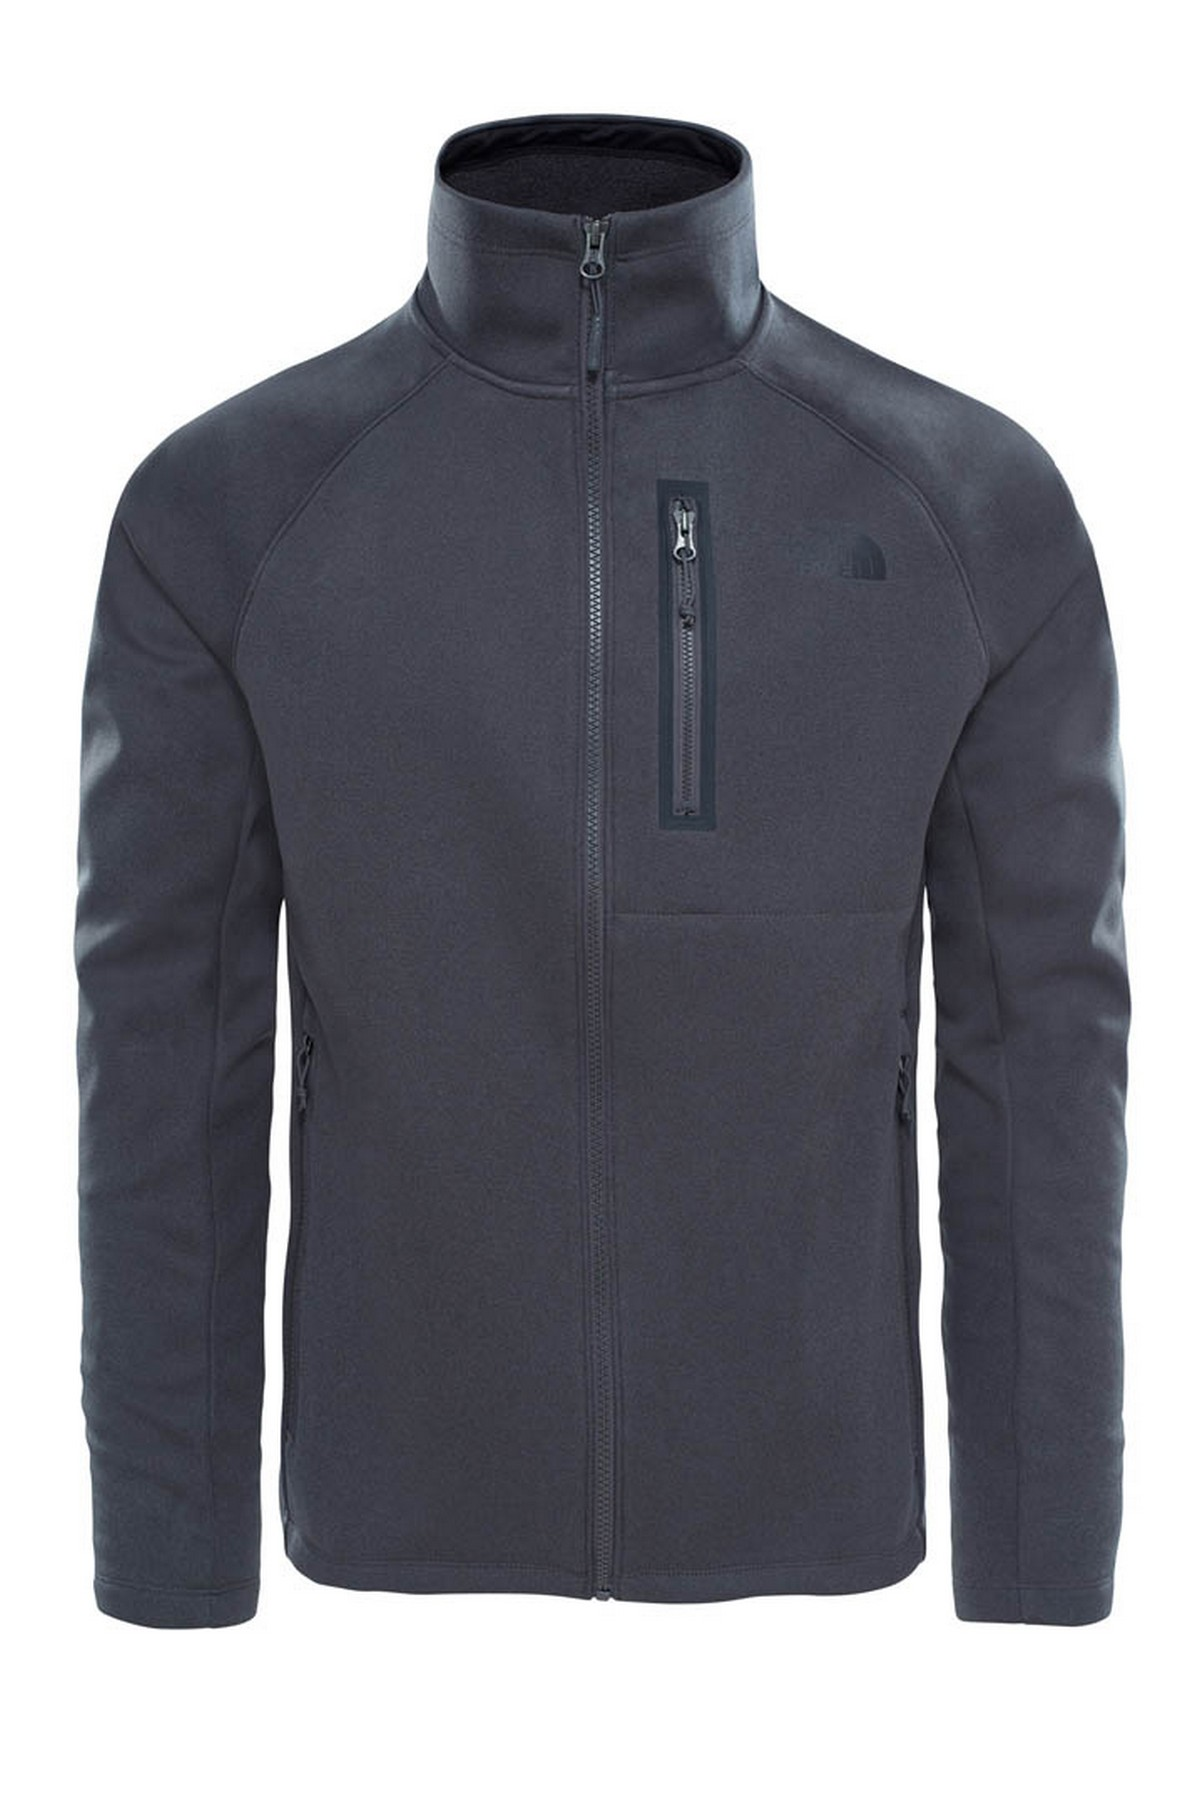 The North Face Soft Shell Erkek Ceket Siyah (T93BRHDYZ)